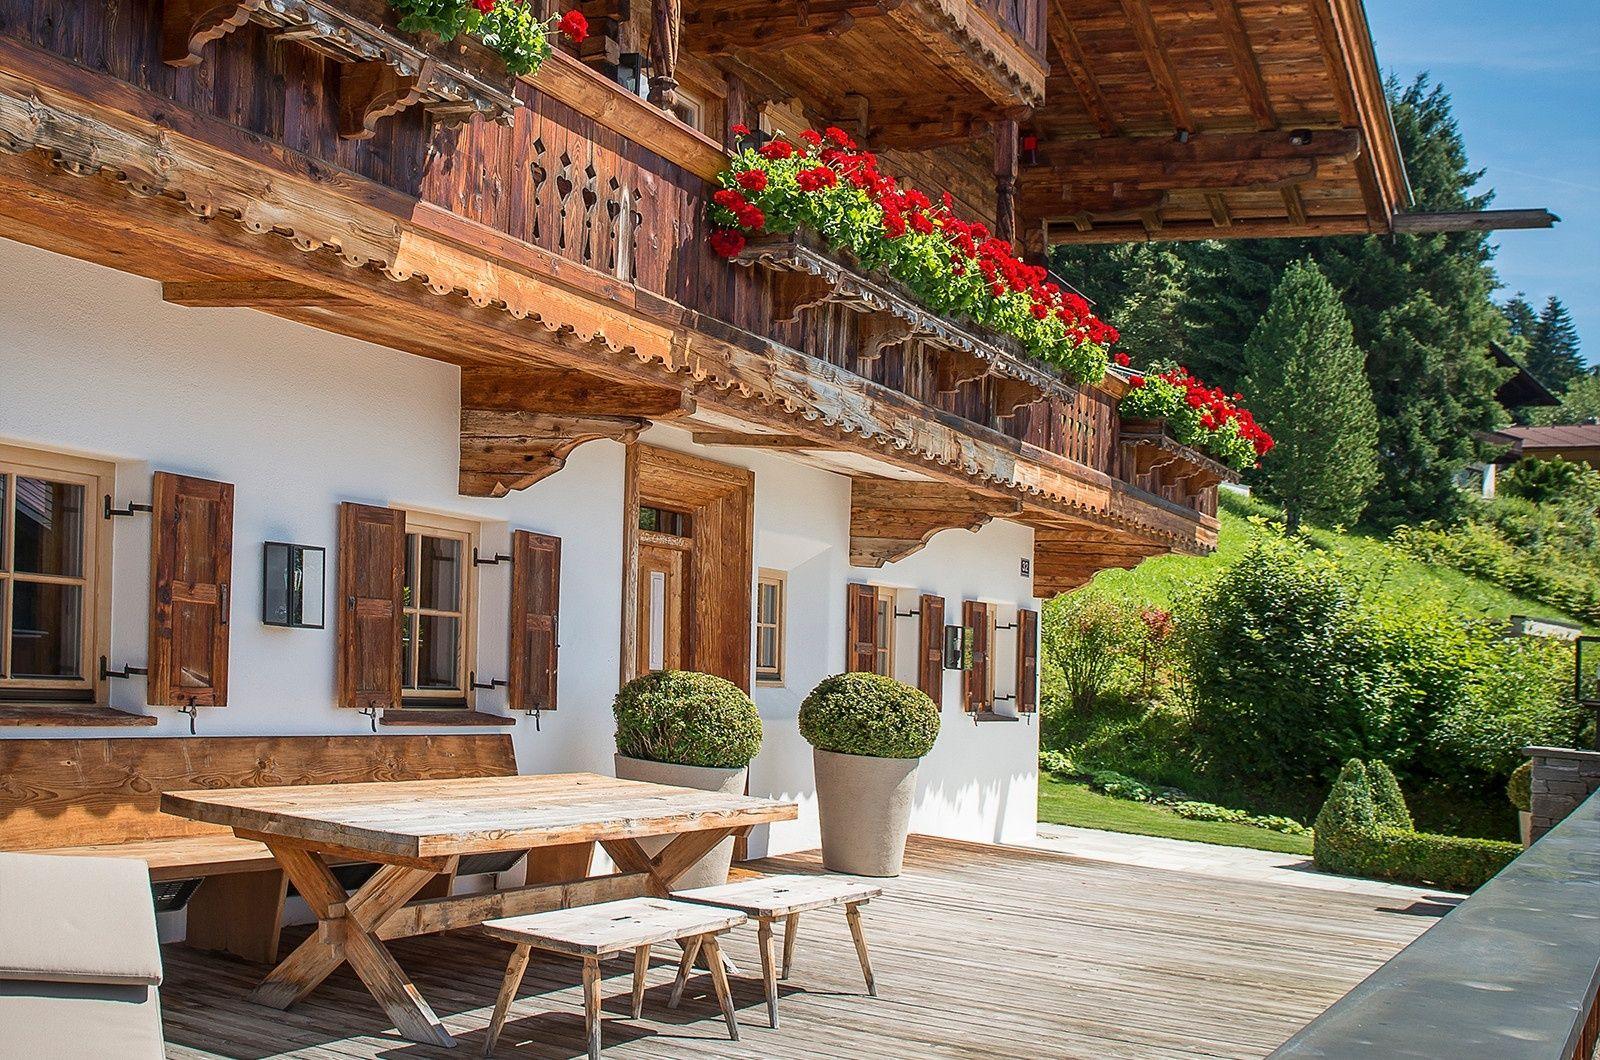 Das Bauernhaus | Alpine dreams | Pinterest | Bauernhaus, Alpen und ...